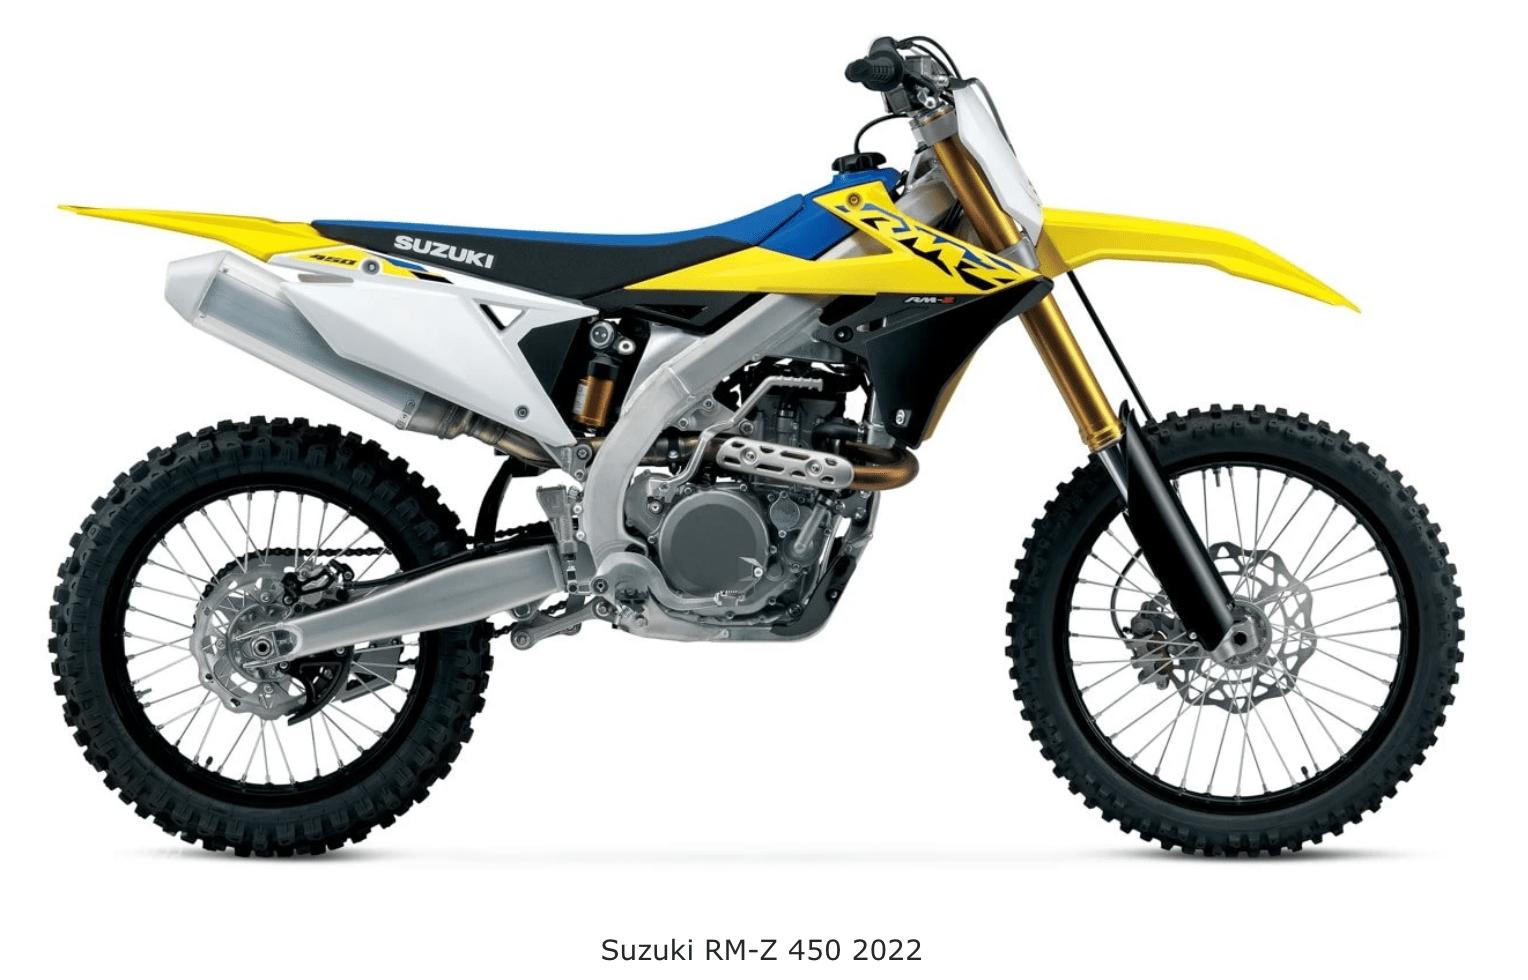 Suzuki RM-Z 450 2022